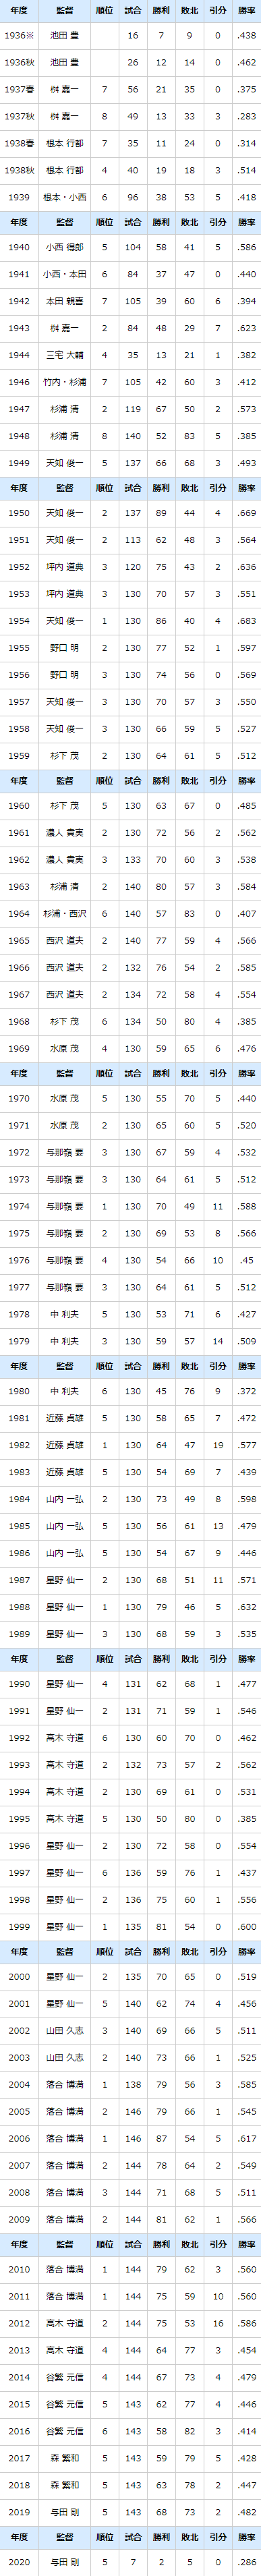 中日ドラゴンズがプロ野球史上4球団目の通算5000敗に到達 現在の通算勝率は…【年度別成績 (1936~2020)】